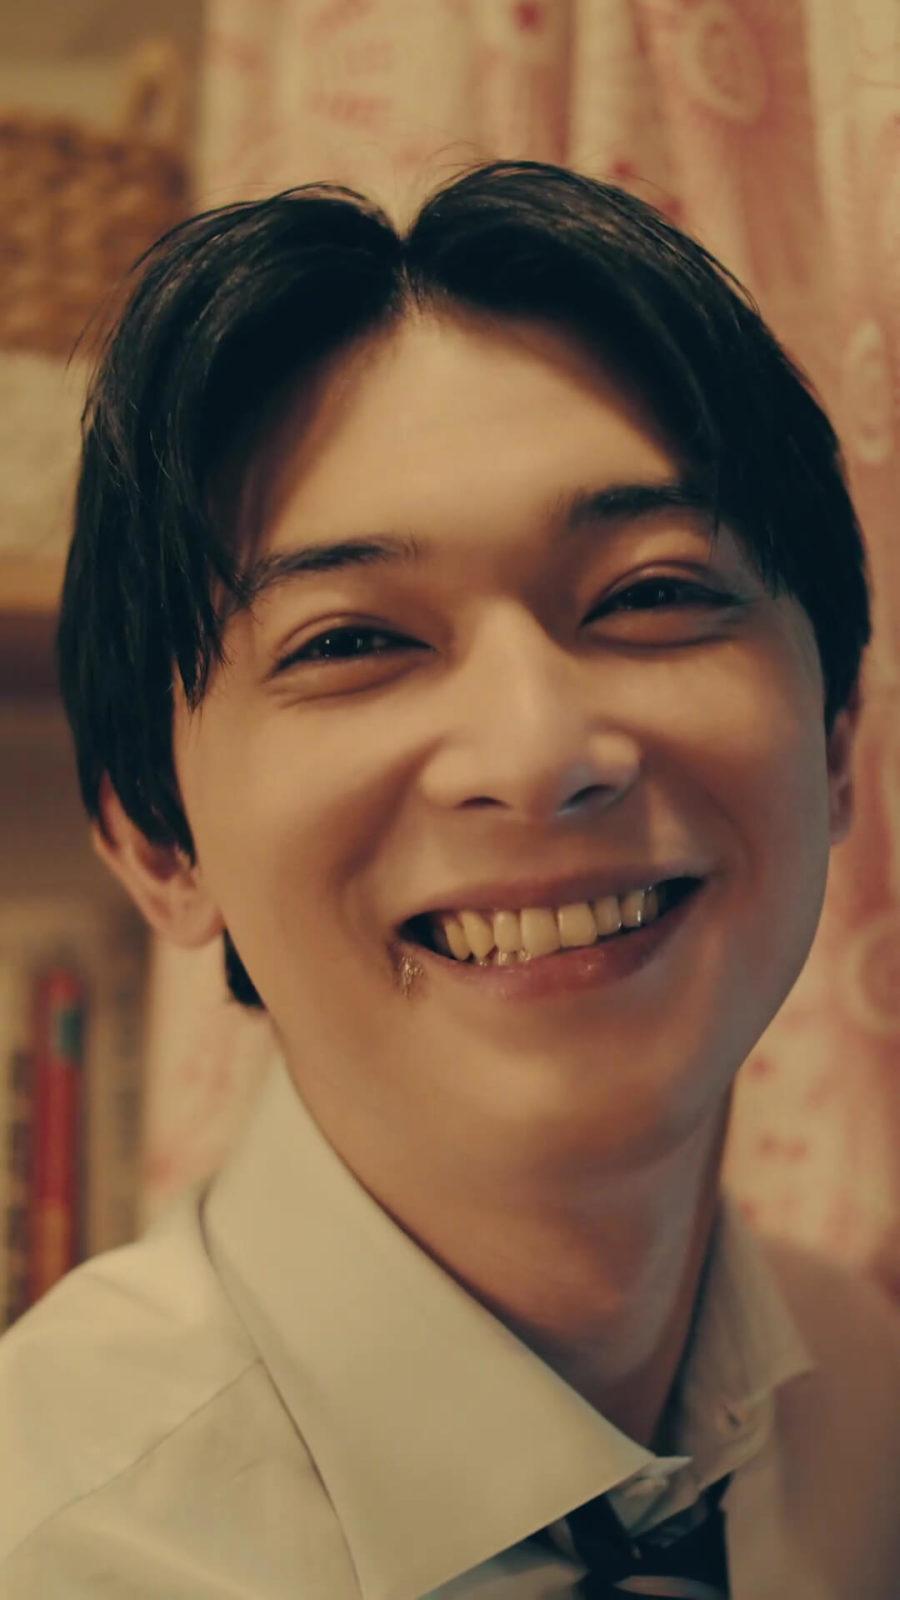 吉沢亮 口元にチョコがついている あざとすぎる 演技に初挑戦 E